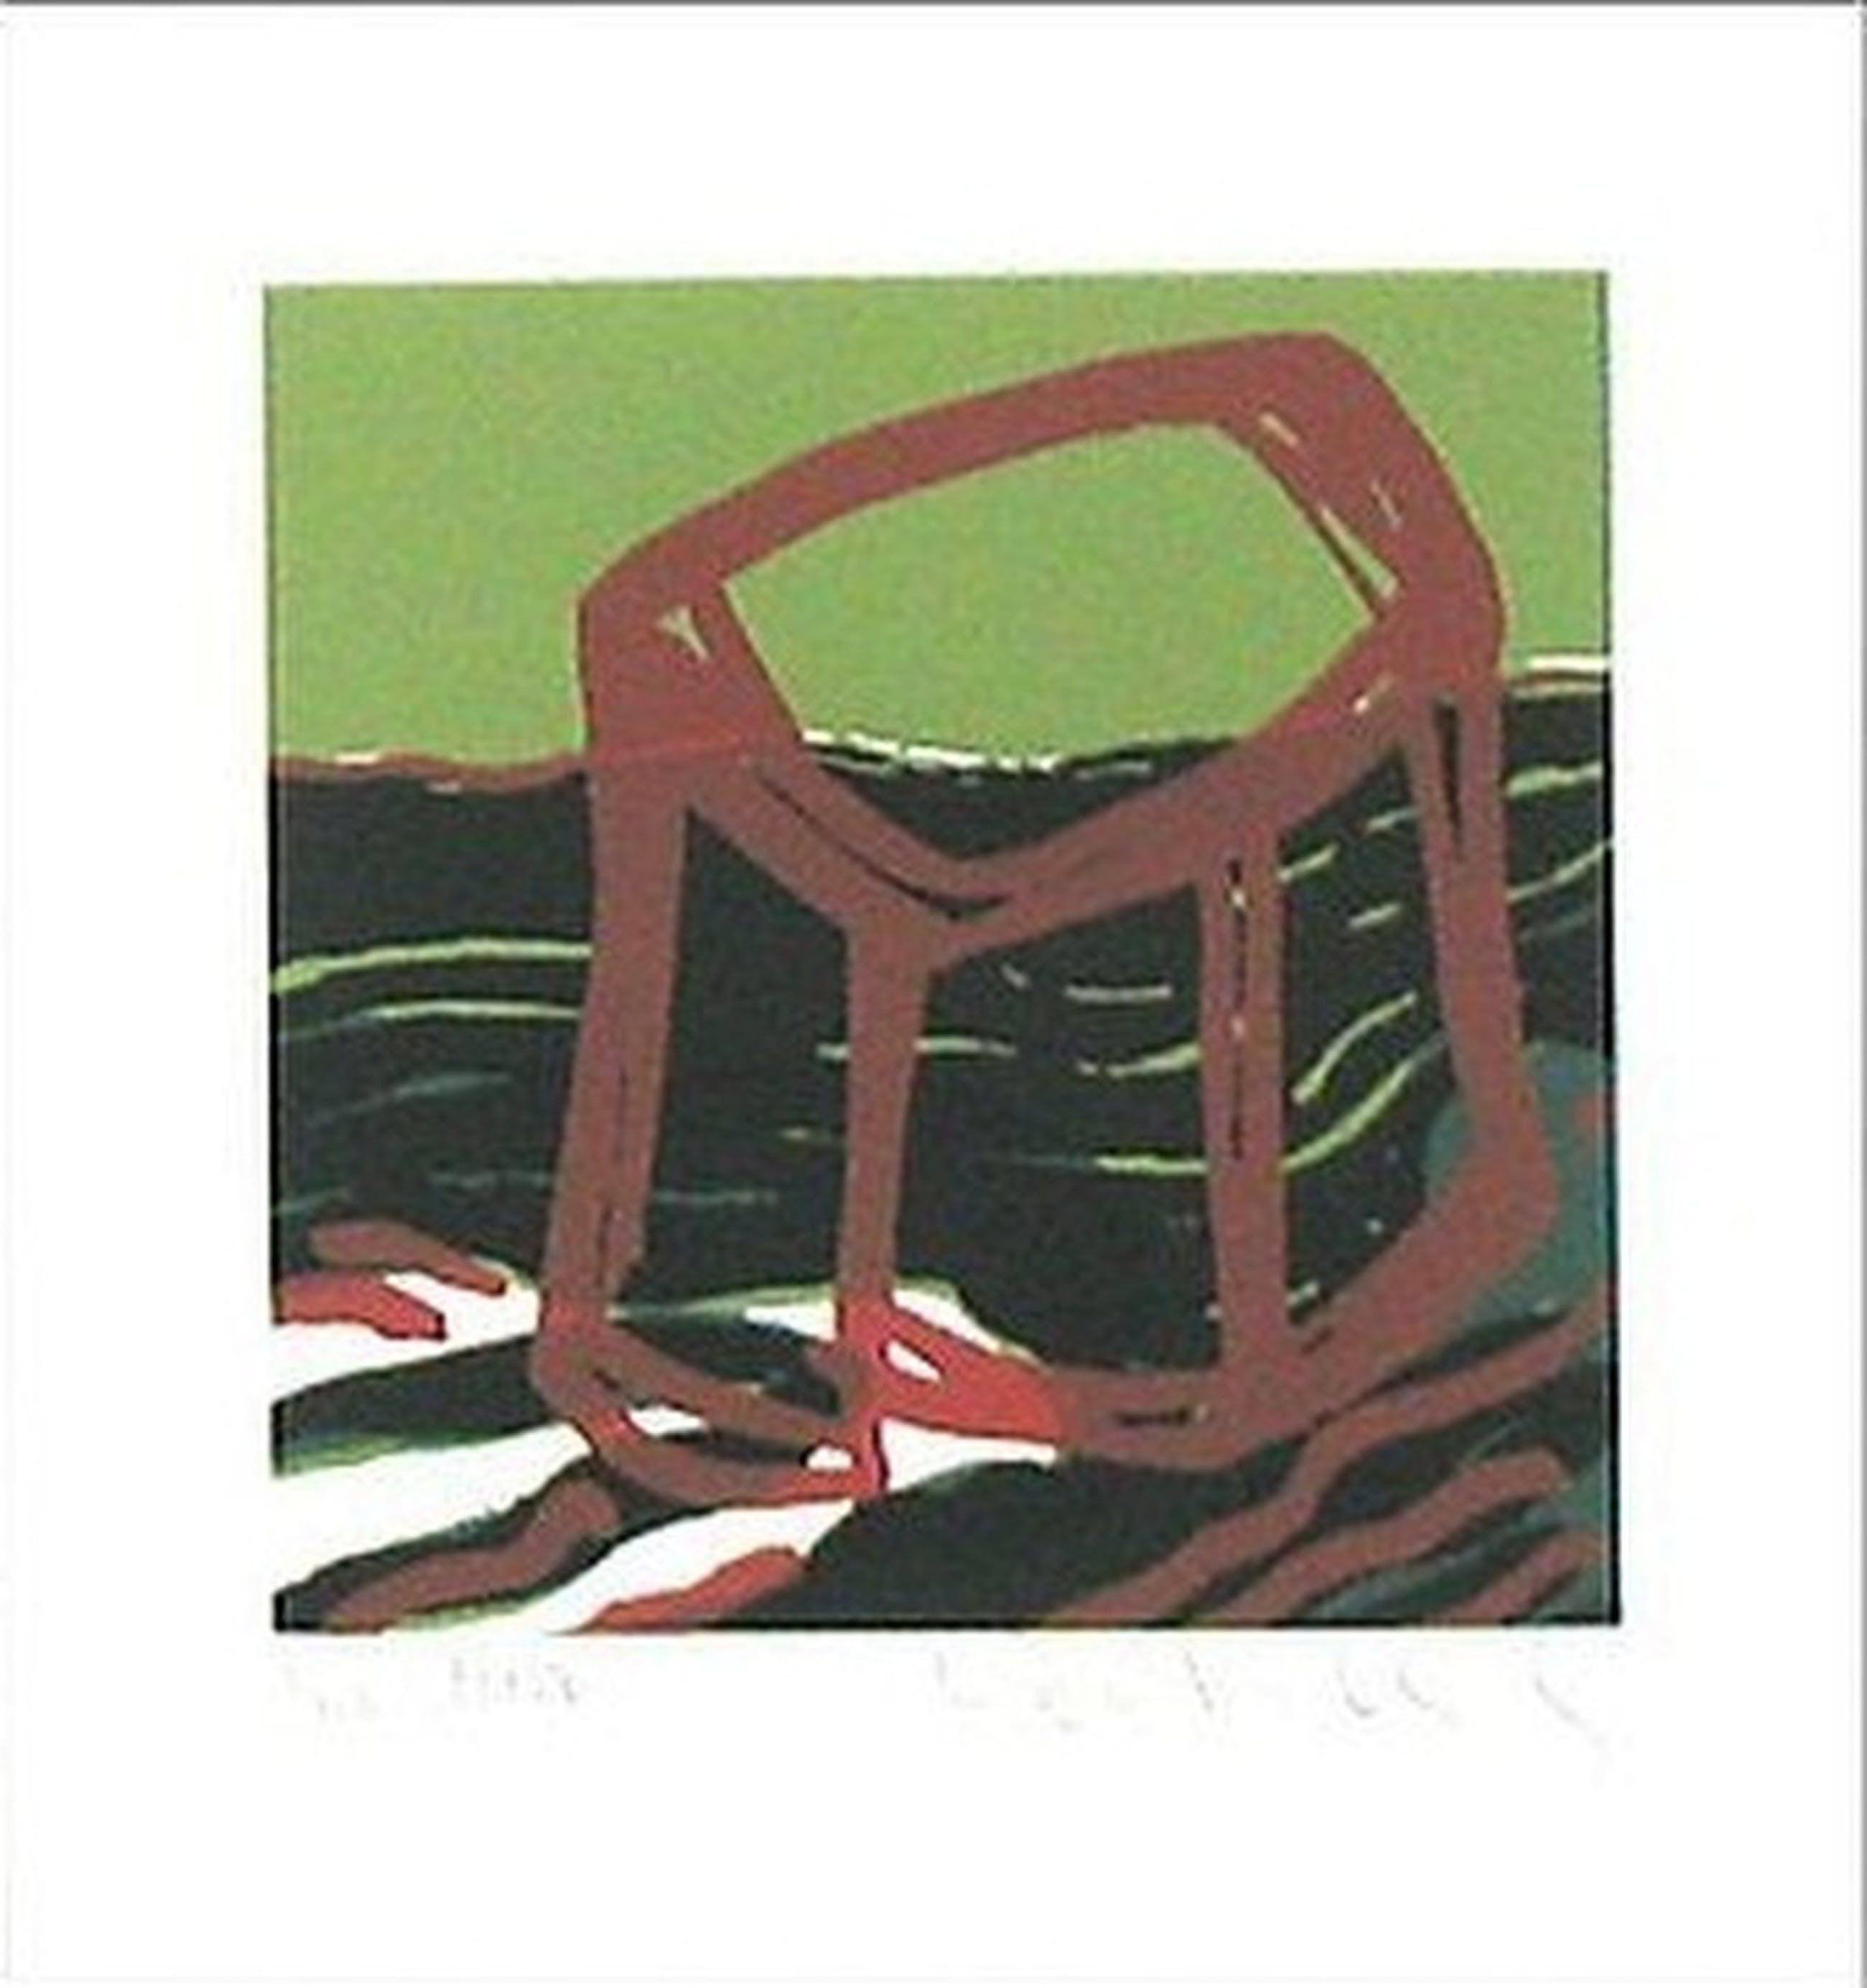 Rafael Tur Costa e.a: Lot van vier lithografien, Abstracte Composities kopen? Bied vanaf 15!